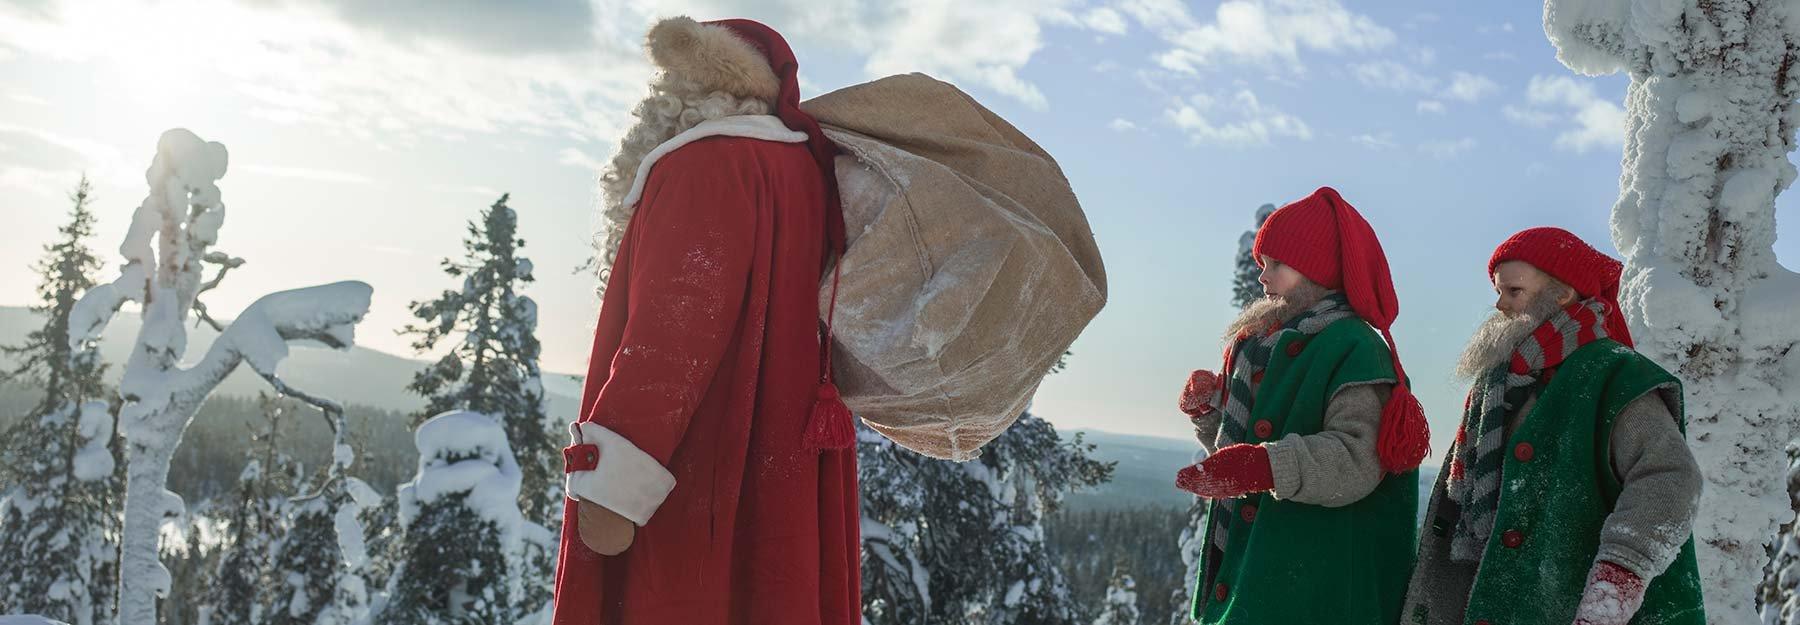 Dove E Babbo Natale.Bambini Accorrete C E Babbo Natale I Villaggi In Italia E Nel